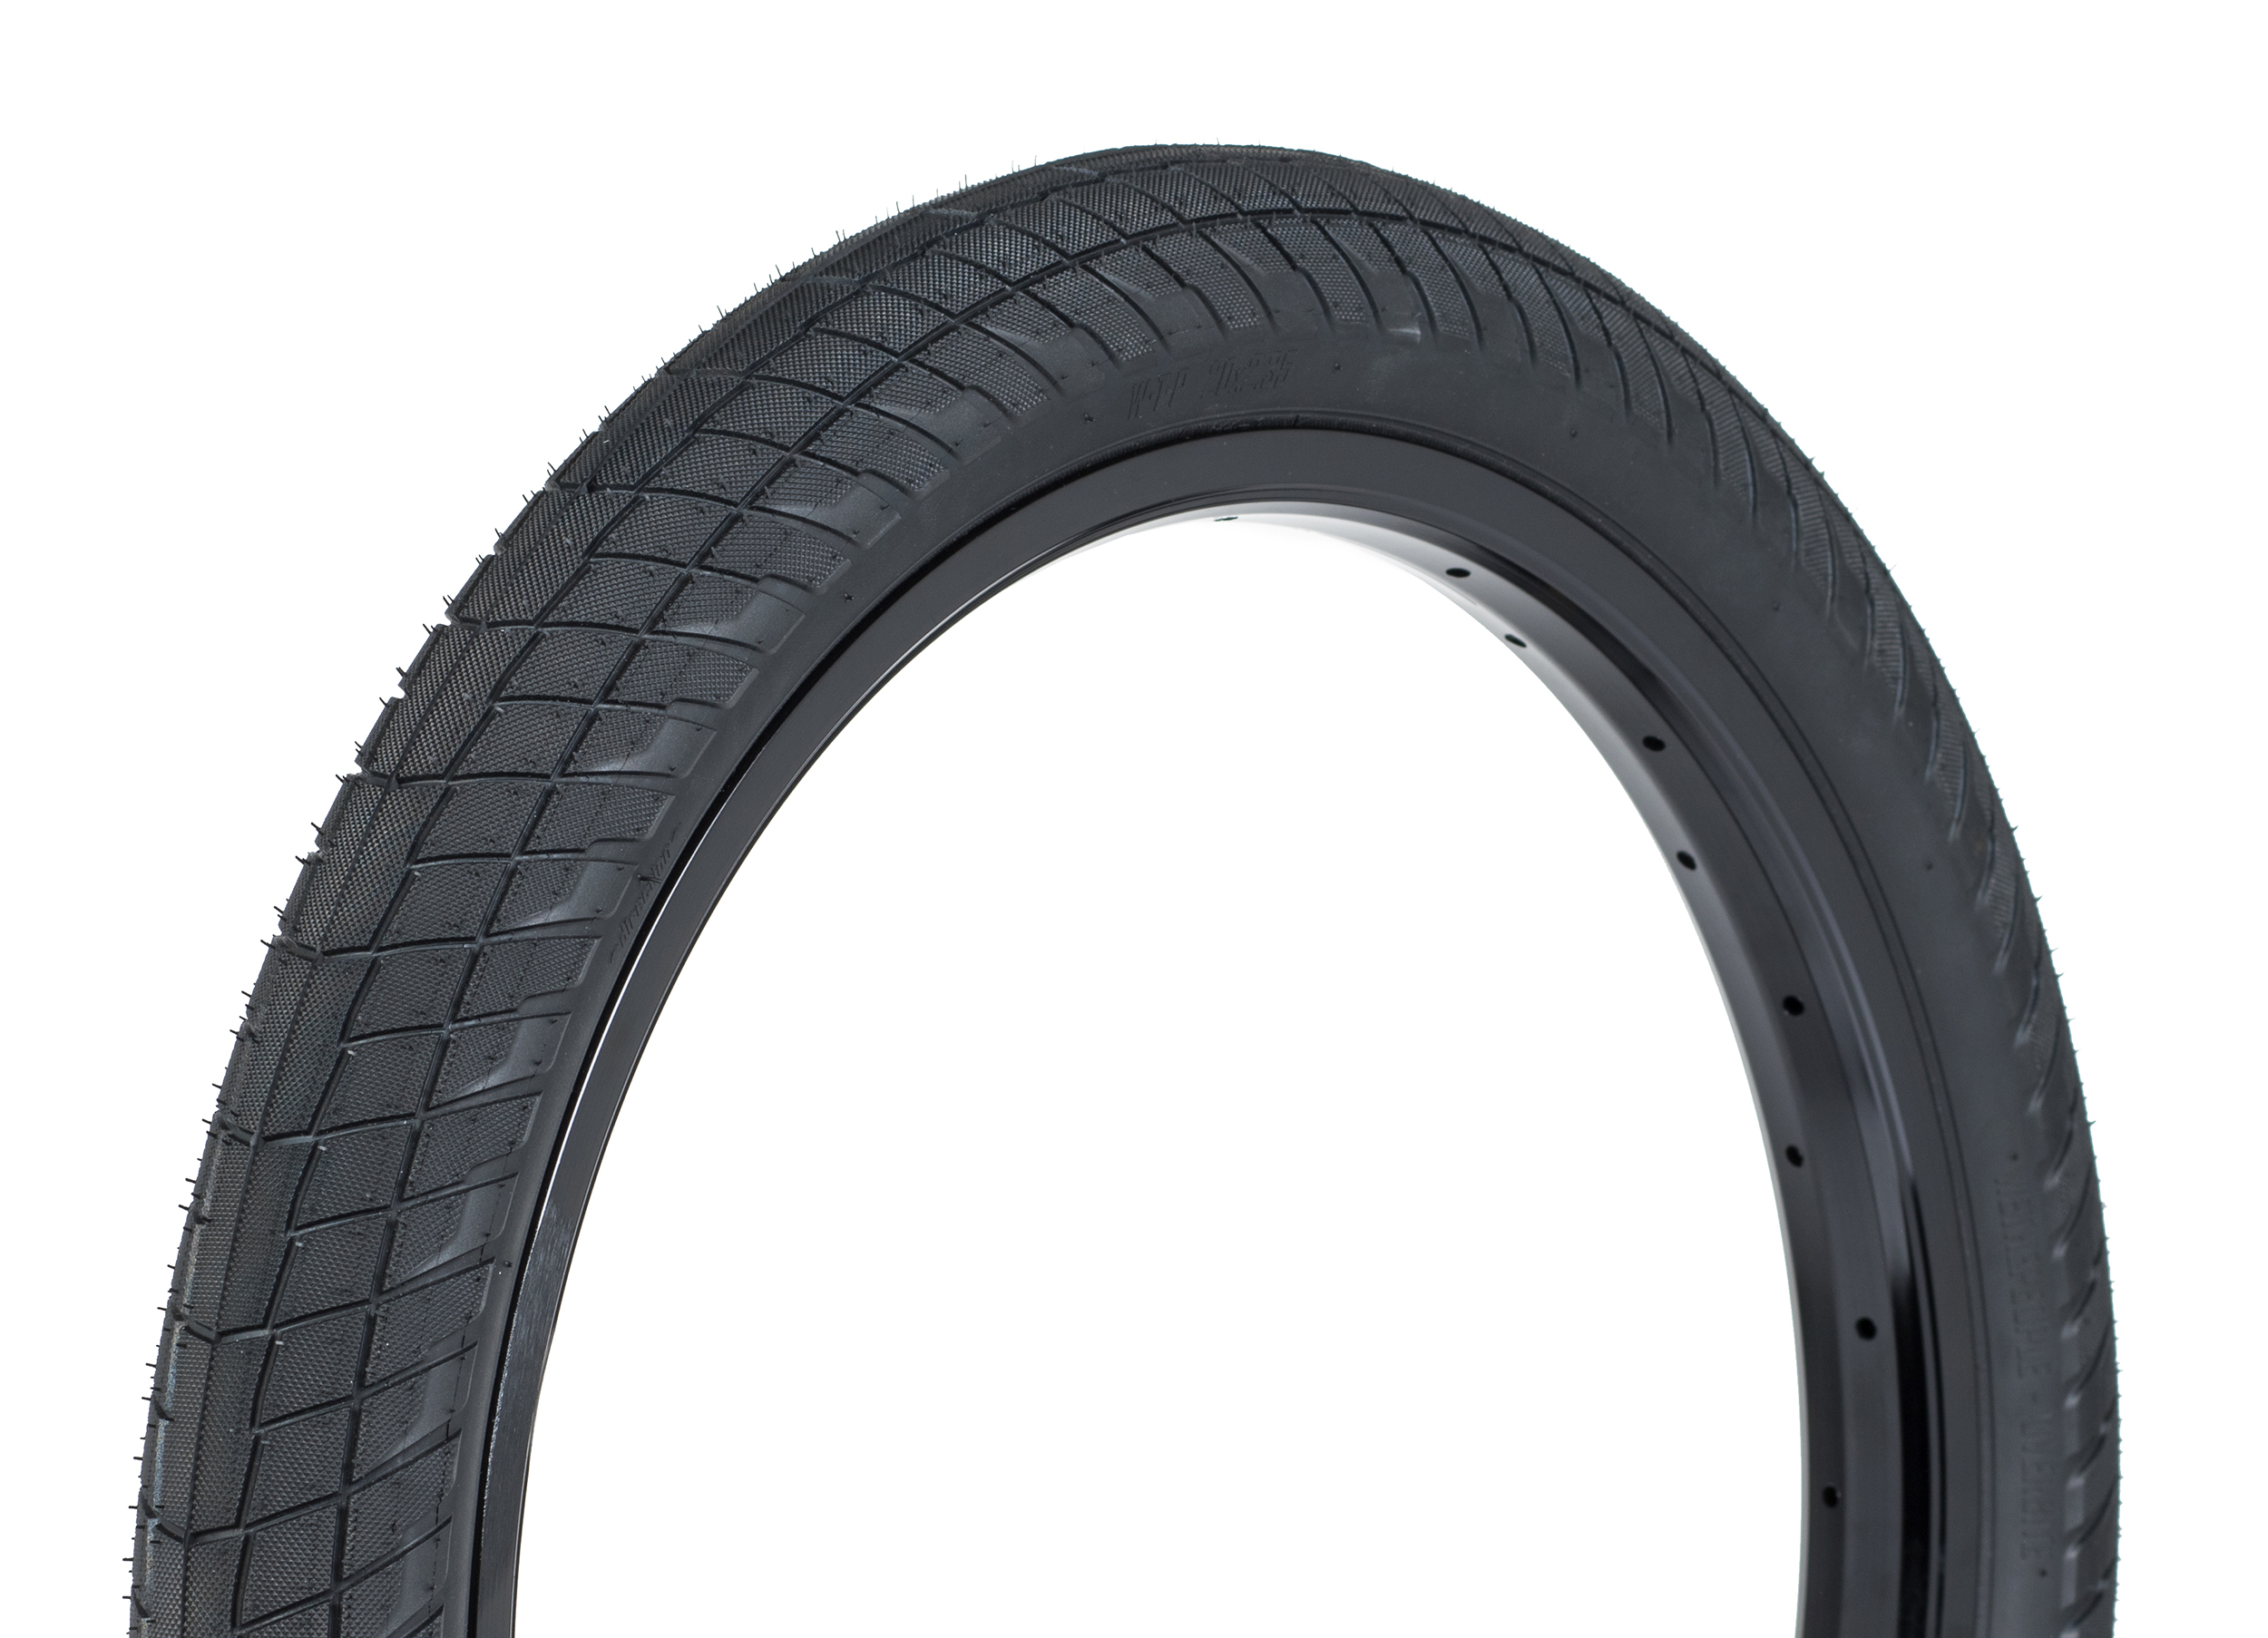 WTP_Overbite_tire_05.jpg